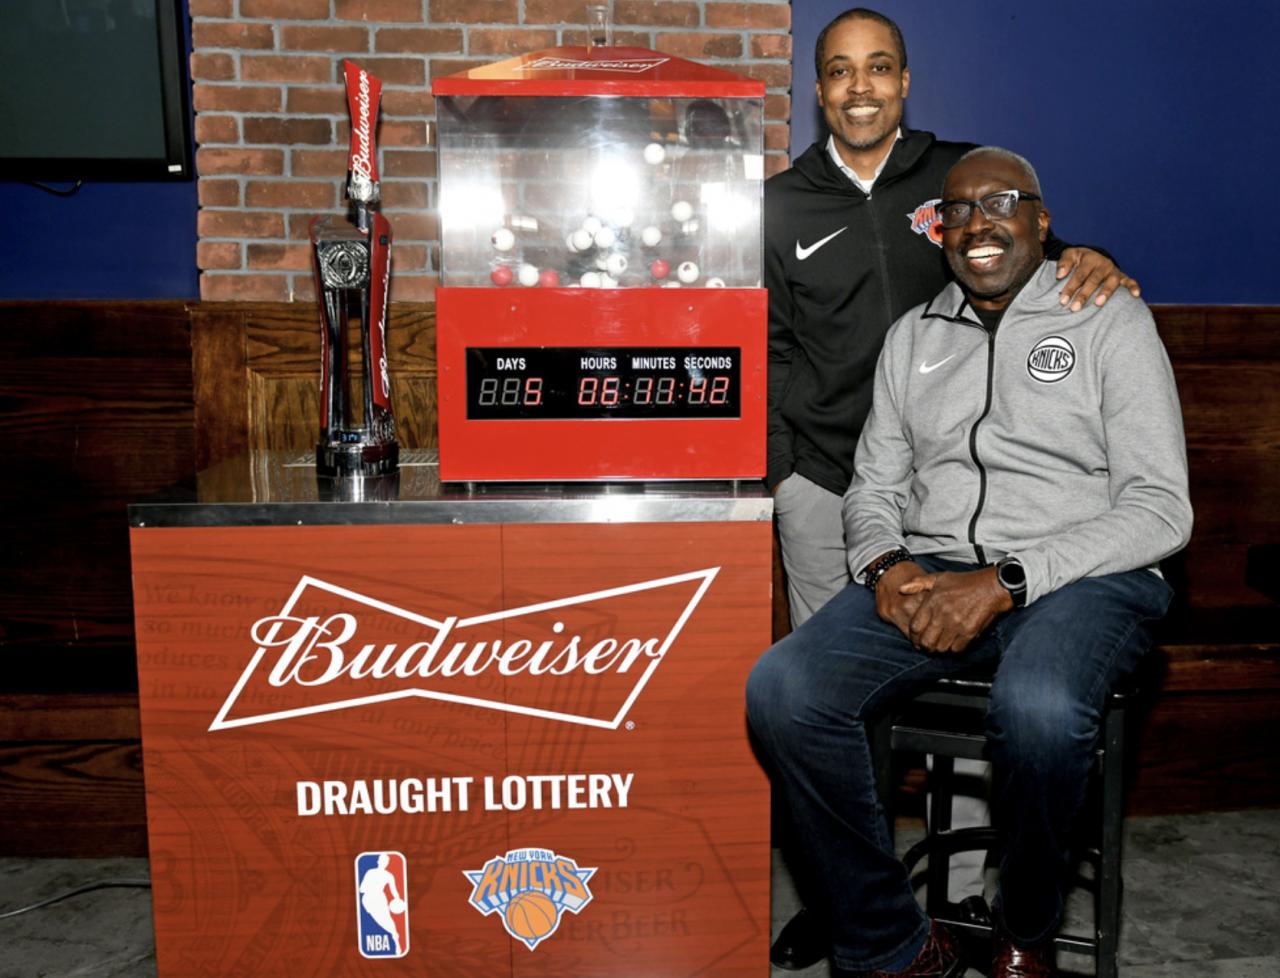 Budweiser: Budweiser Draught Lottery photo